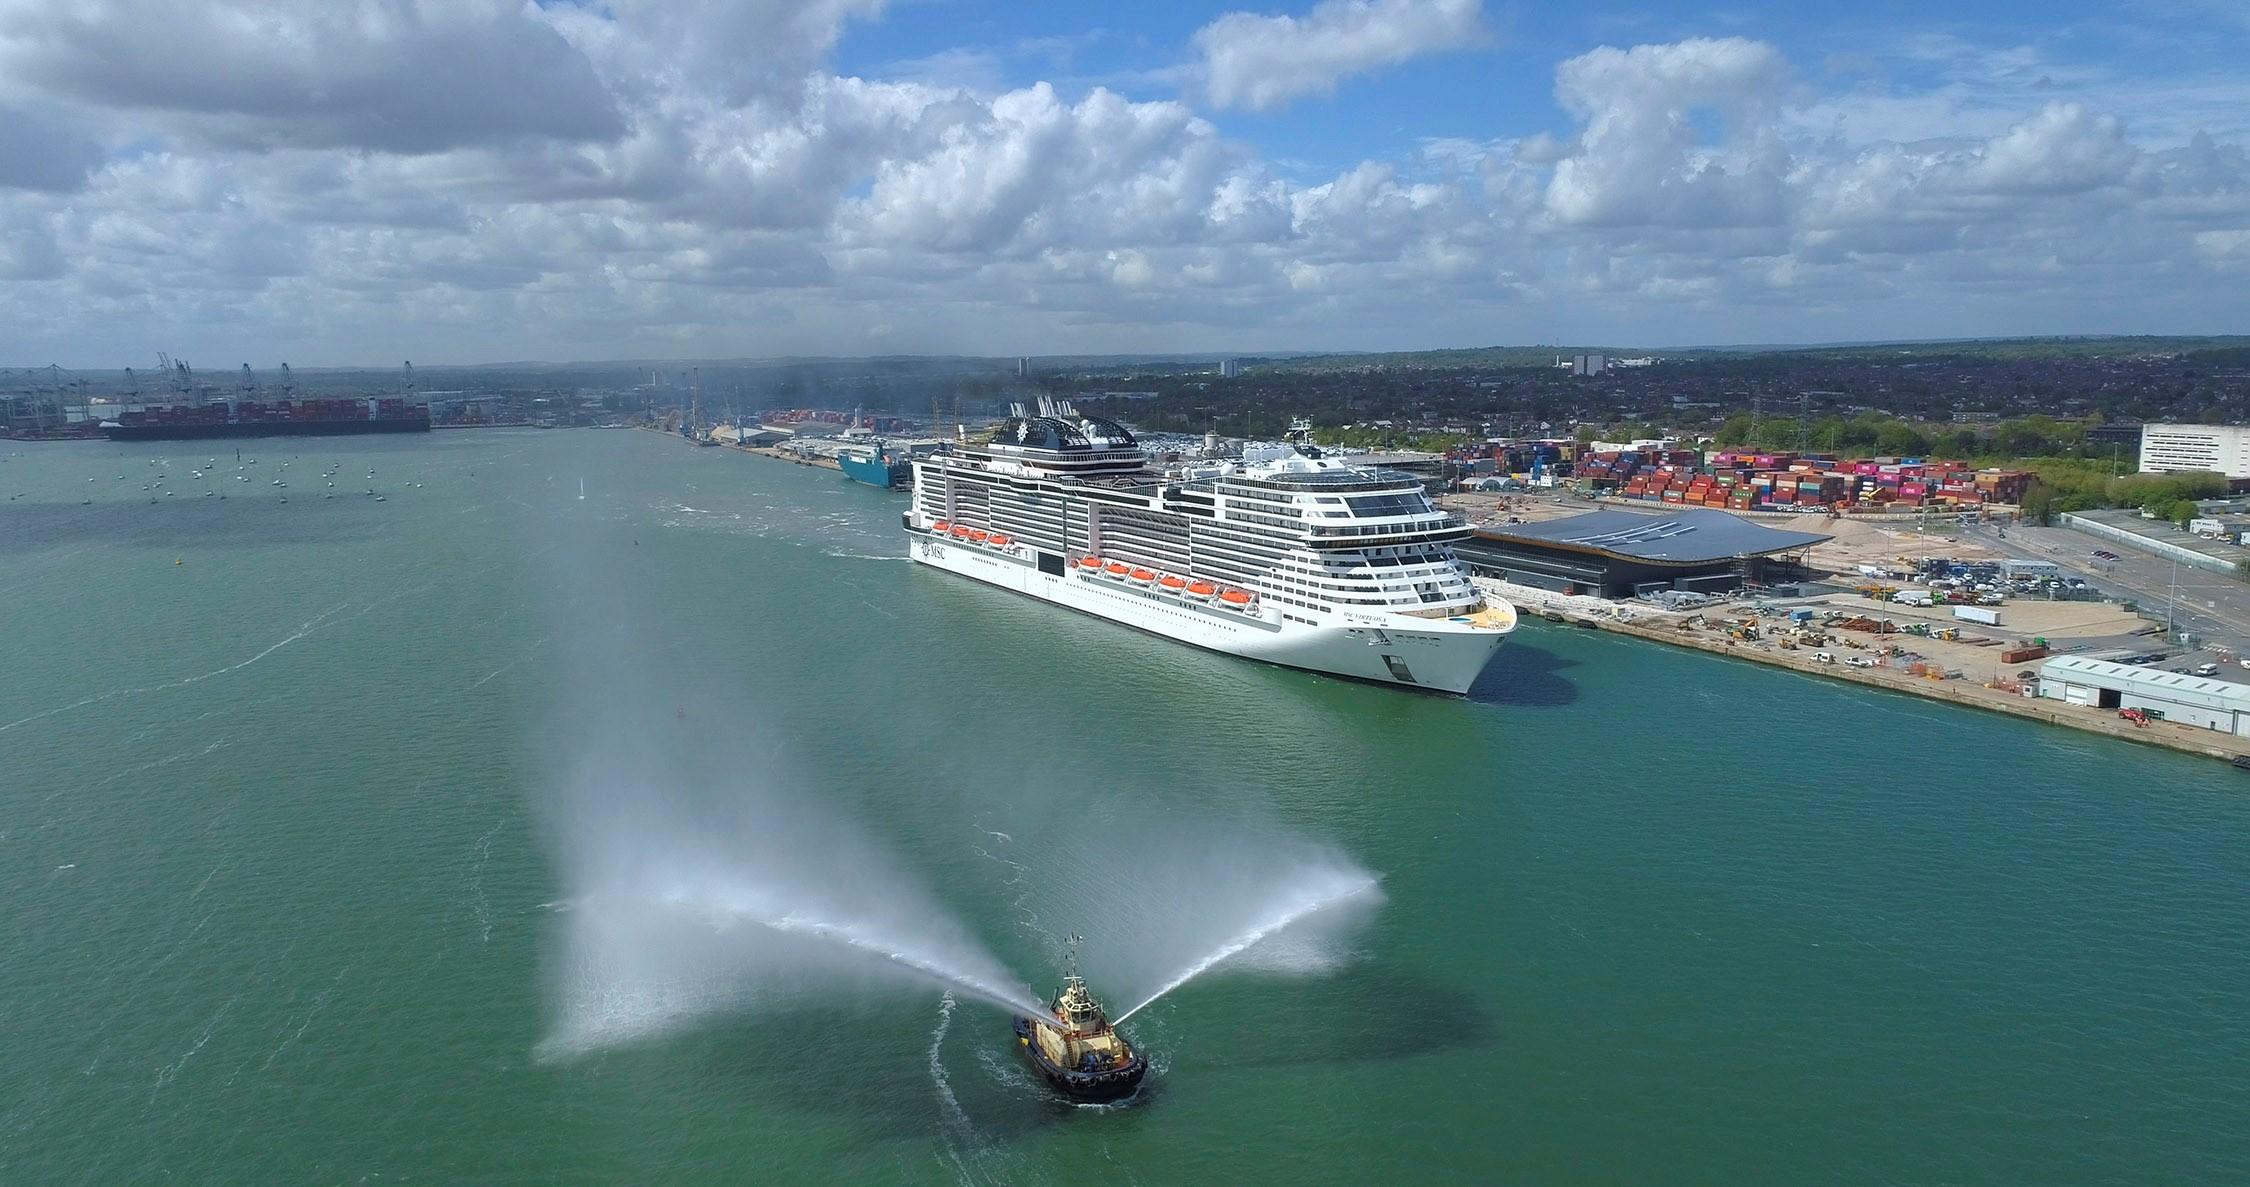 Die MSC Virtuosa, das neueste Flaggschiff von MSC Cruises, wird am 20. Mai zu ihrer Jungfernfahrt rund um die Britischen Inseln aufbrechen.